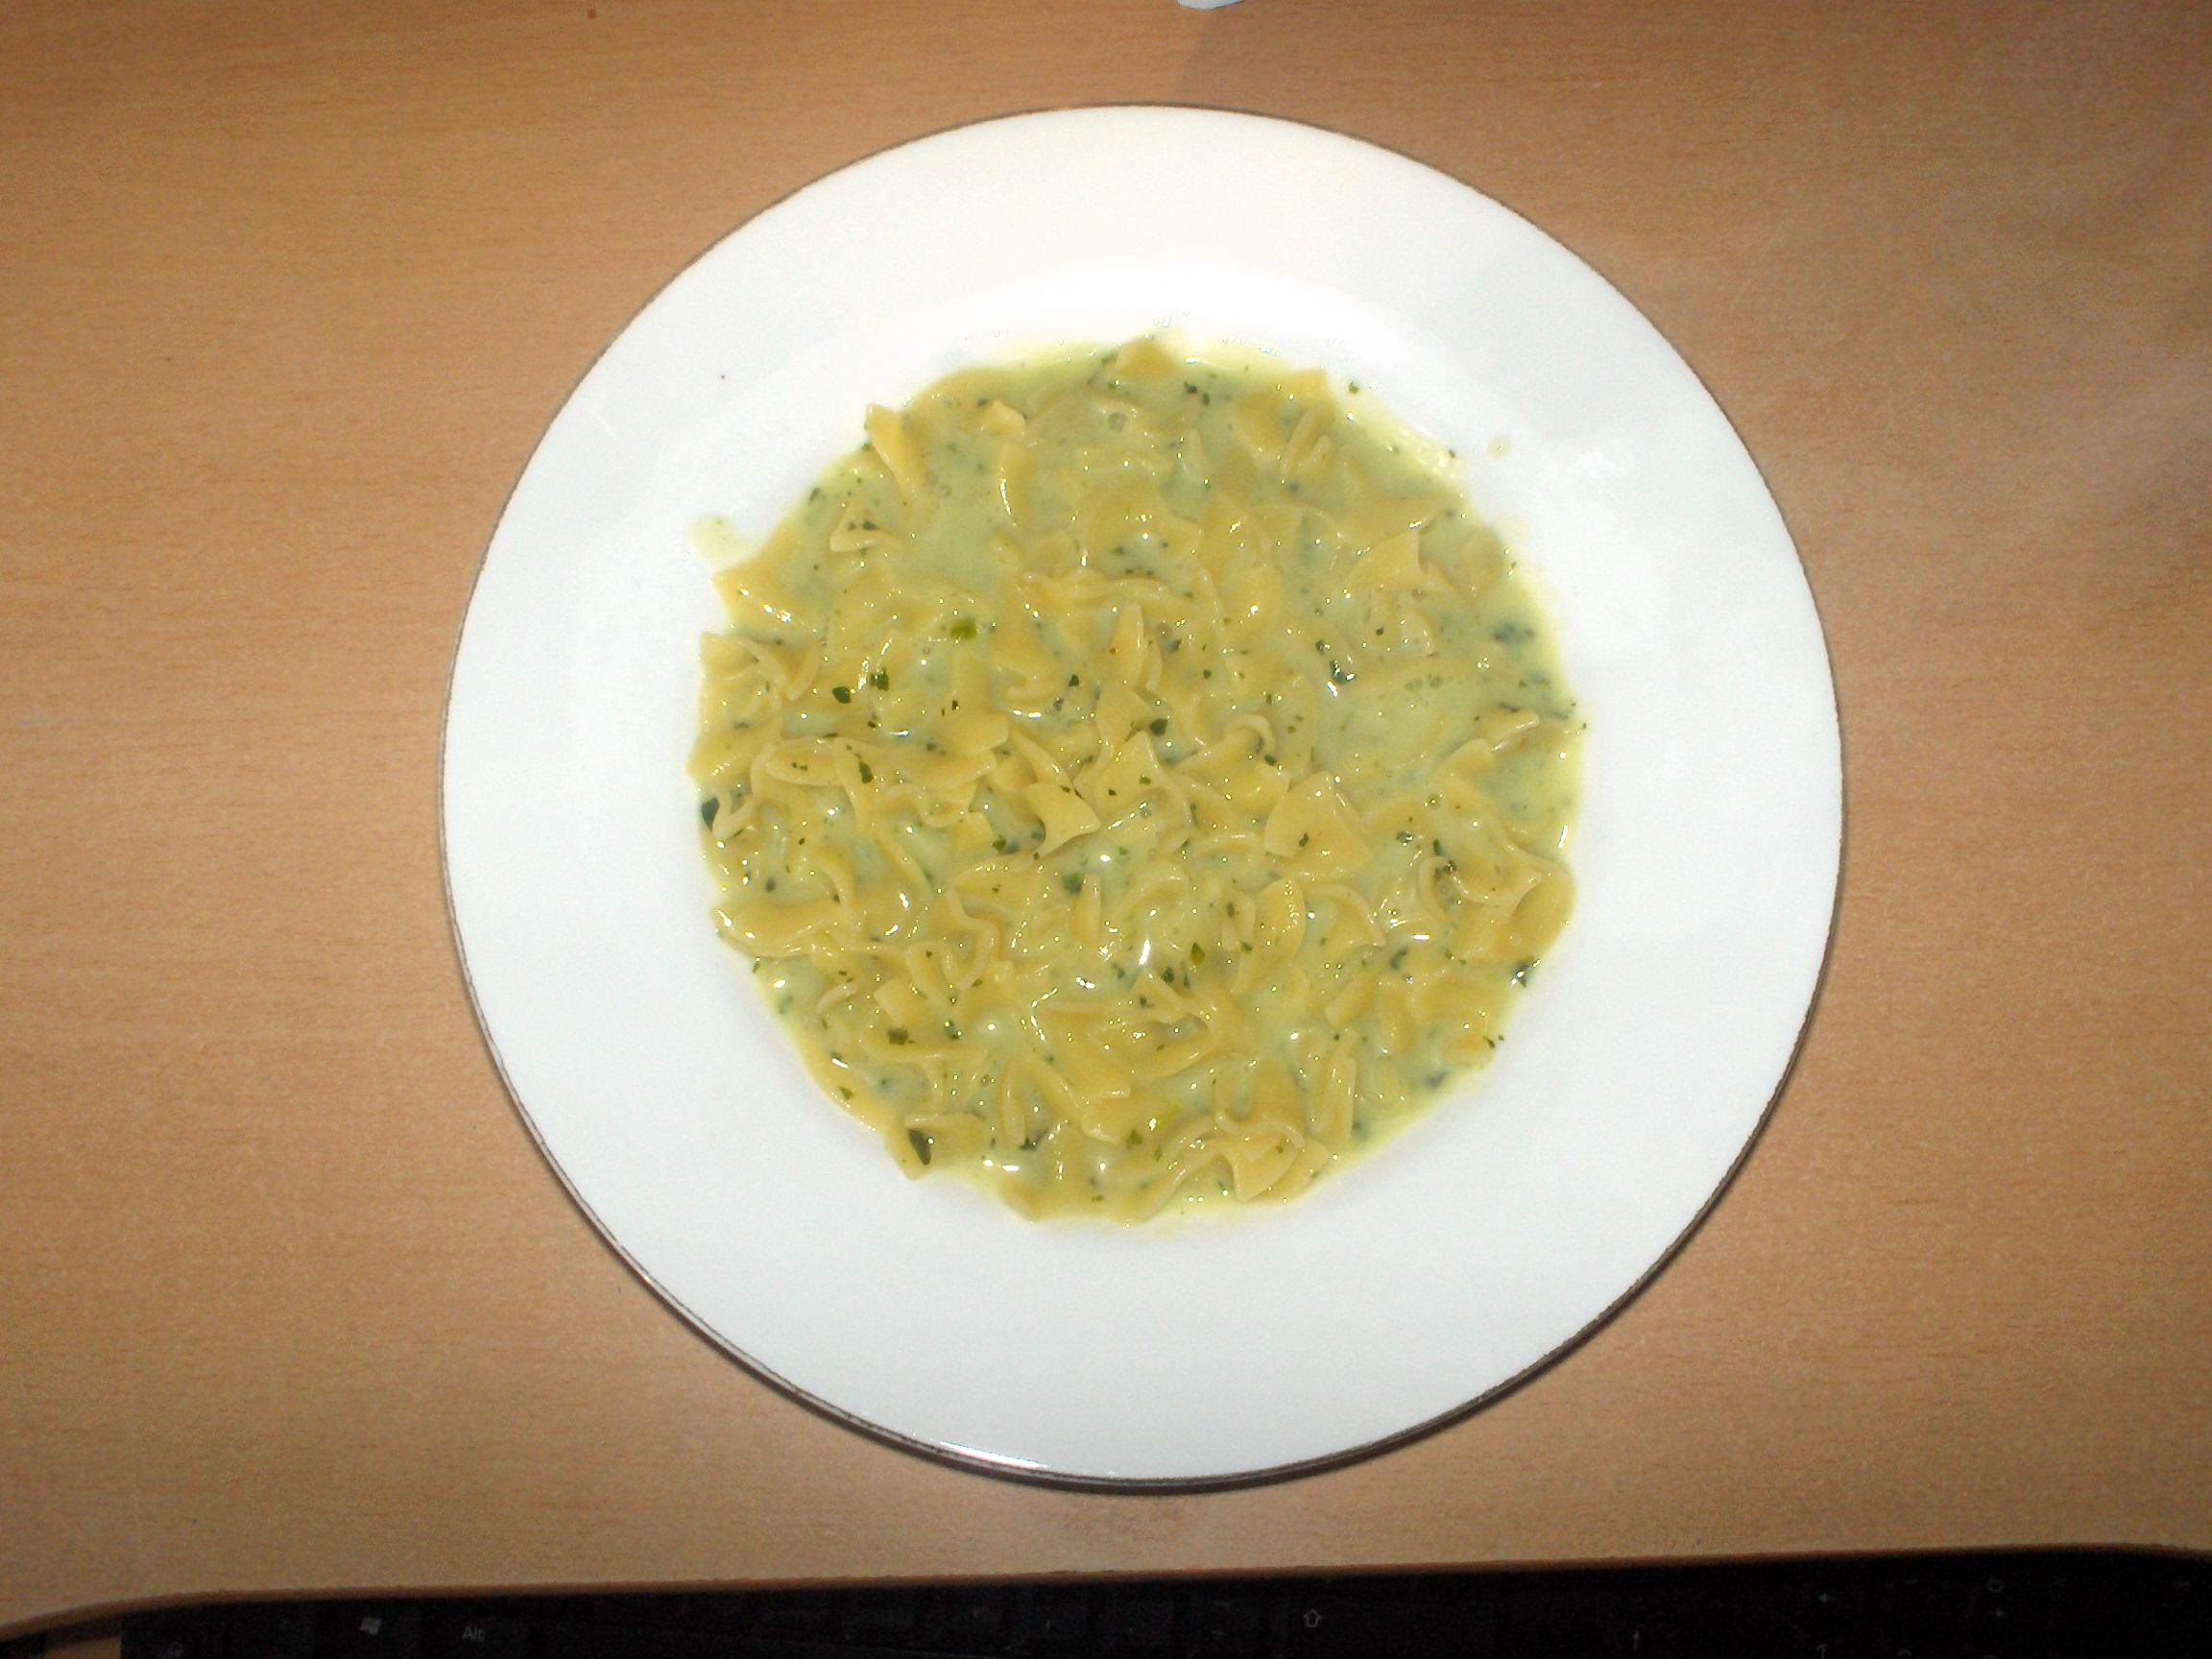 https://foodloader.net/s3Rax_2008-01-27_Pasta_mit_Creme_fraiche_Spinat.jpg